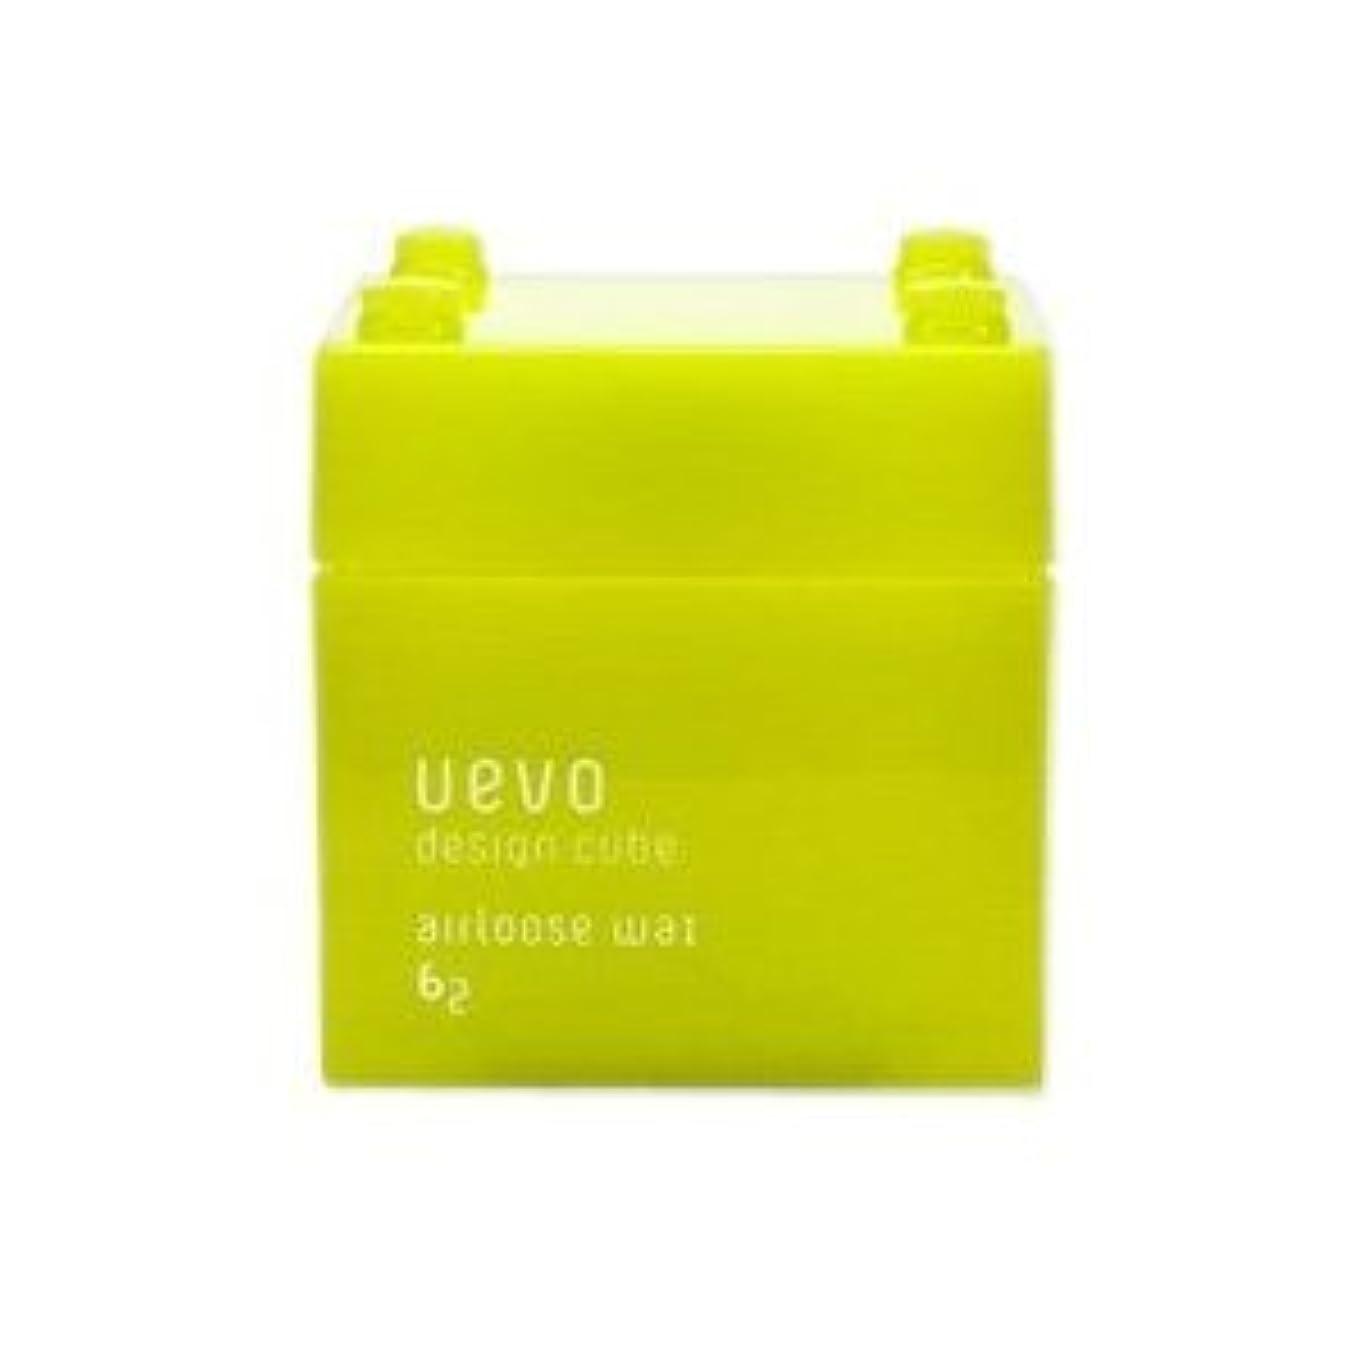 成功するアイスクリームオプション【X2個セット】 デミ ウェーボ デザインキューブ エアルーズワックス 80g airloose wax DEMI uevo design cube